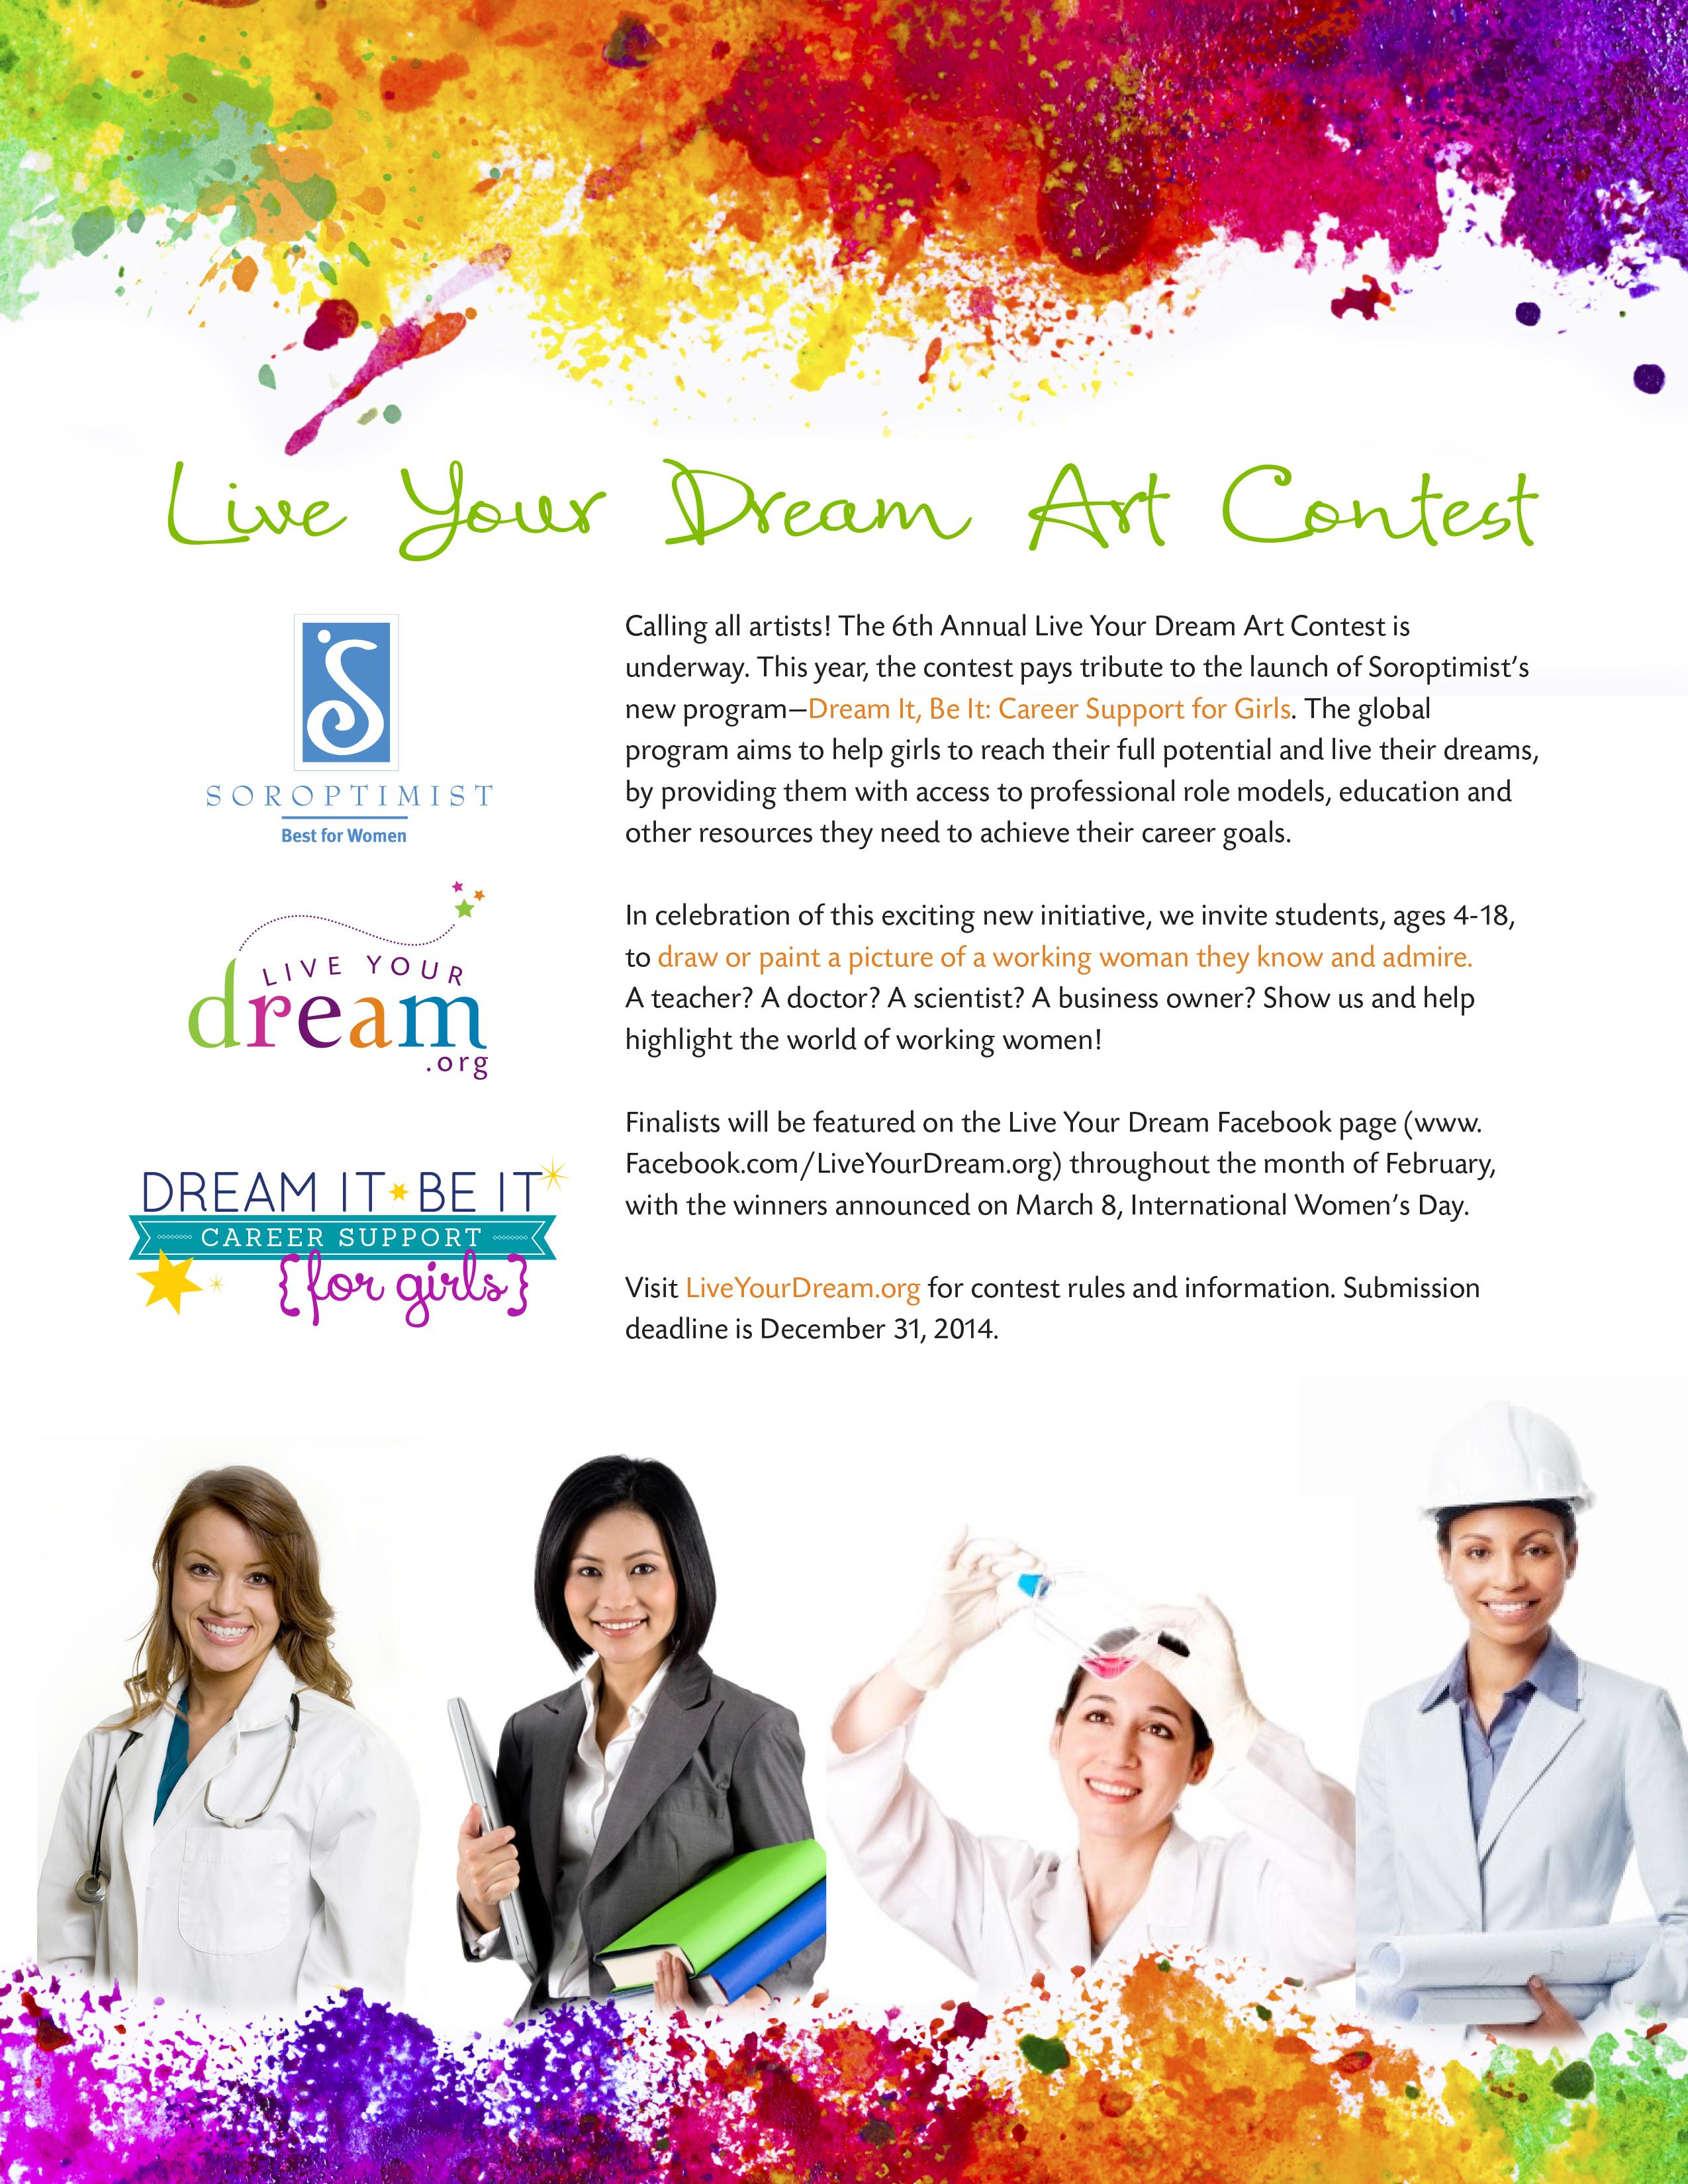 ArtContestPoster2014-2015-new